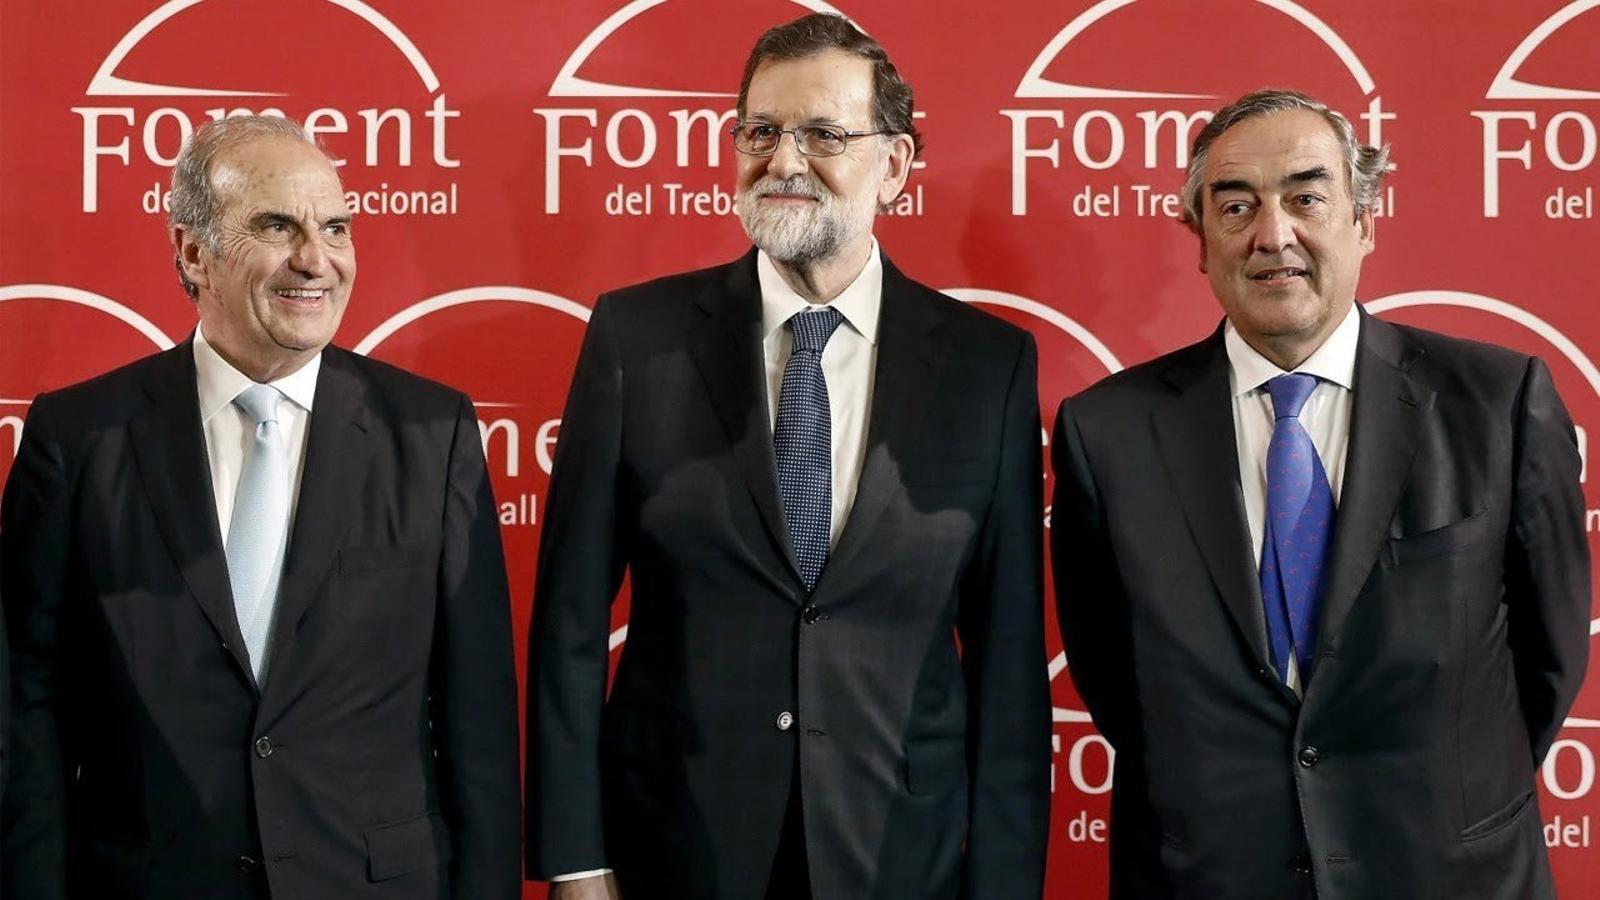 """Rajoy: """"Més enllà del que diguin les urnes, seguiré sent el president de tots"""""""